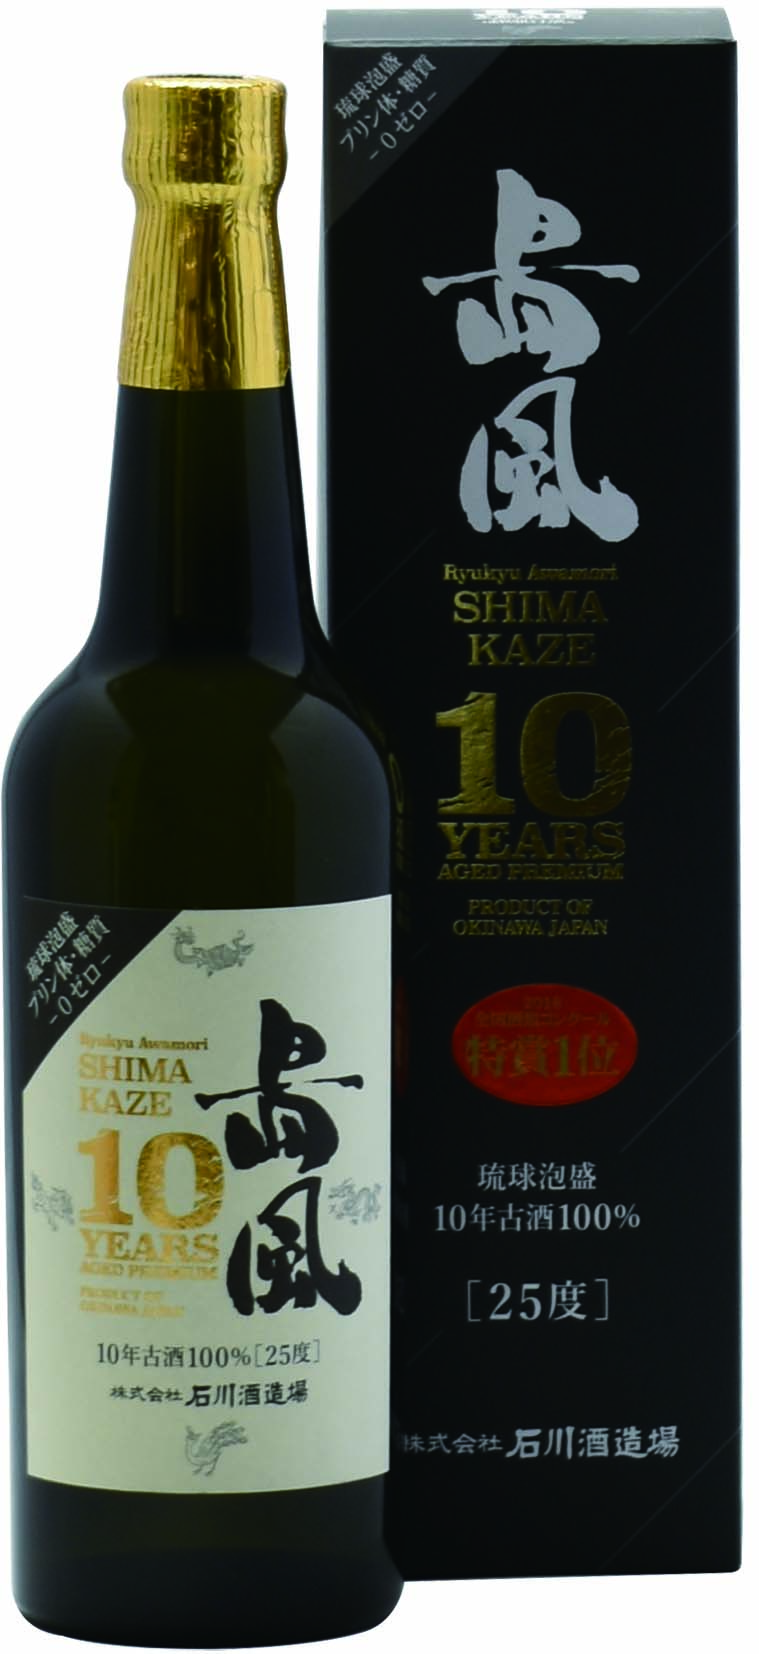 島風 10年古酒 琉球泡盛25度